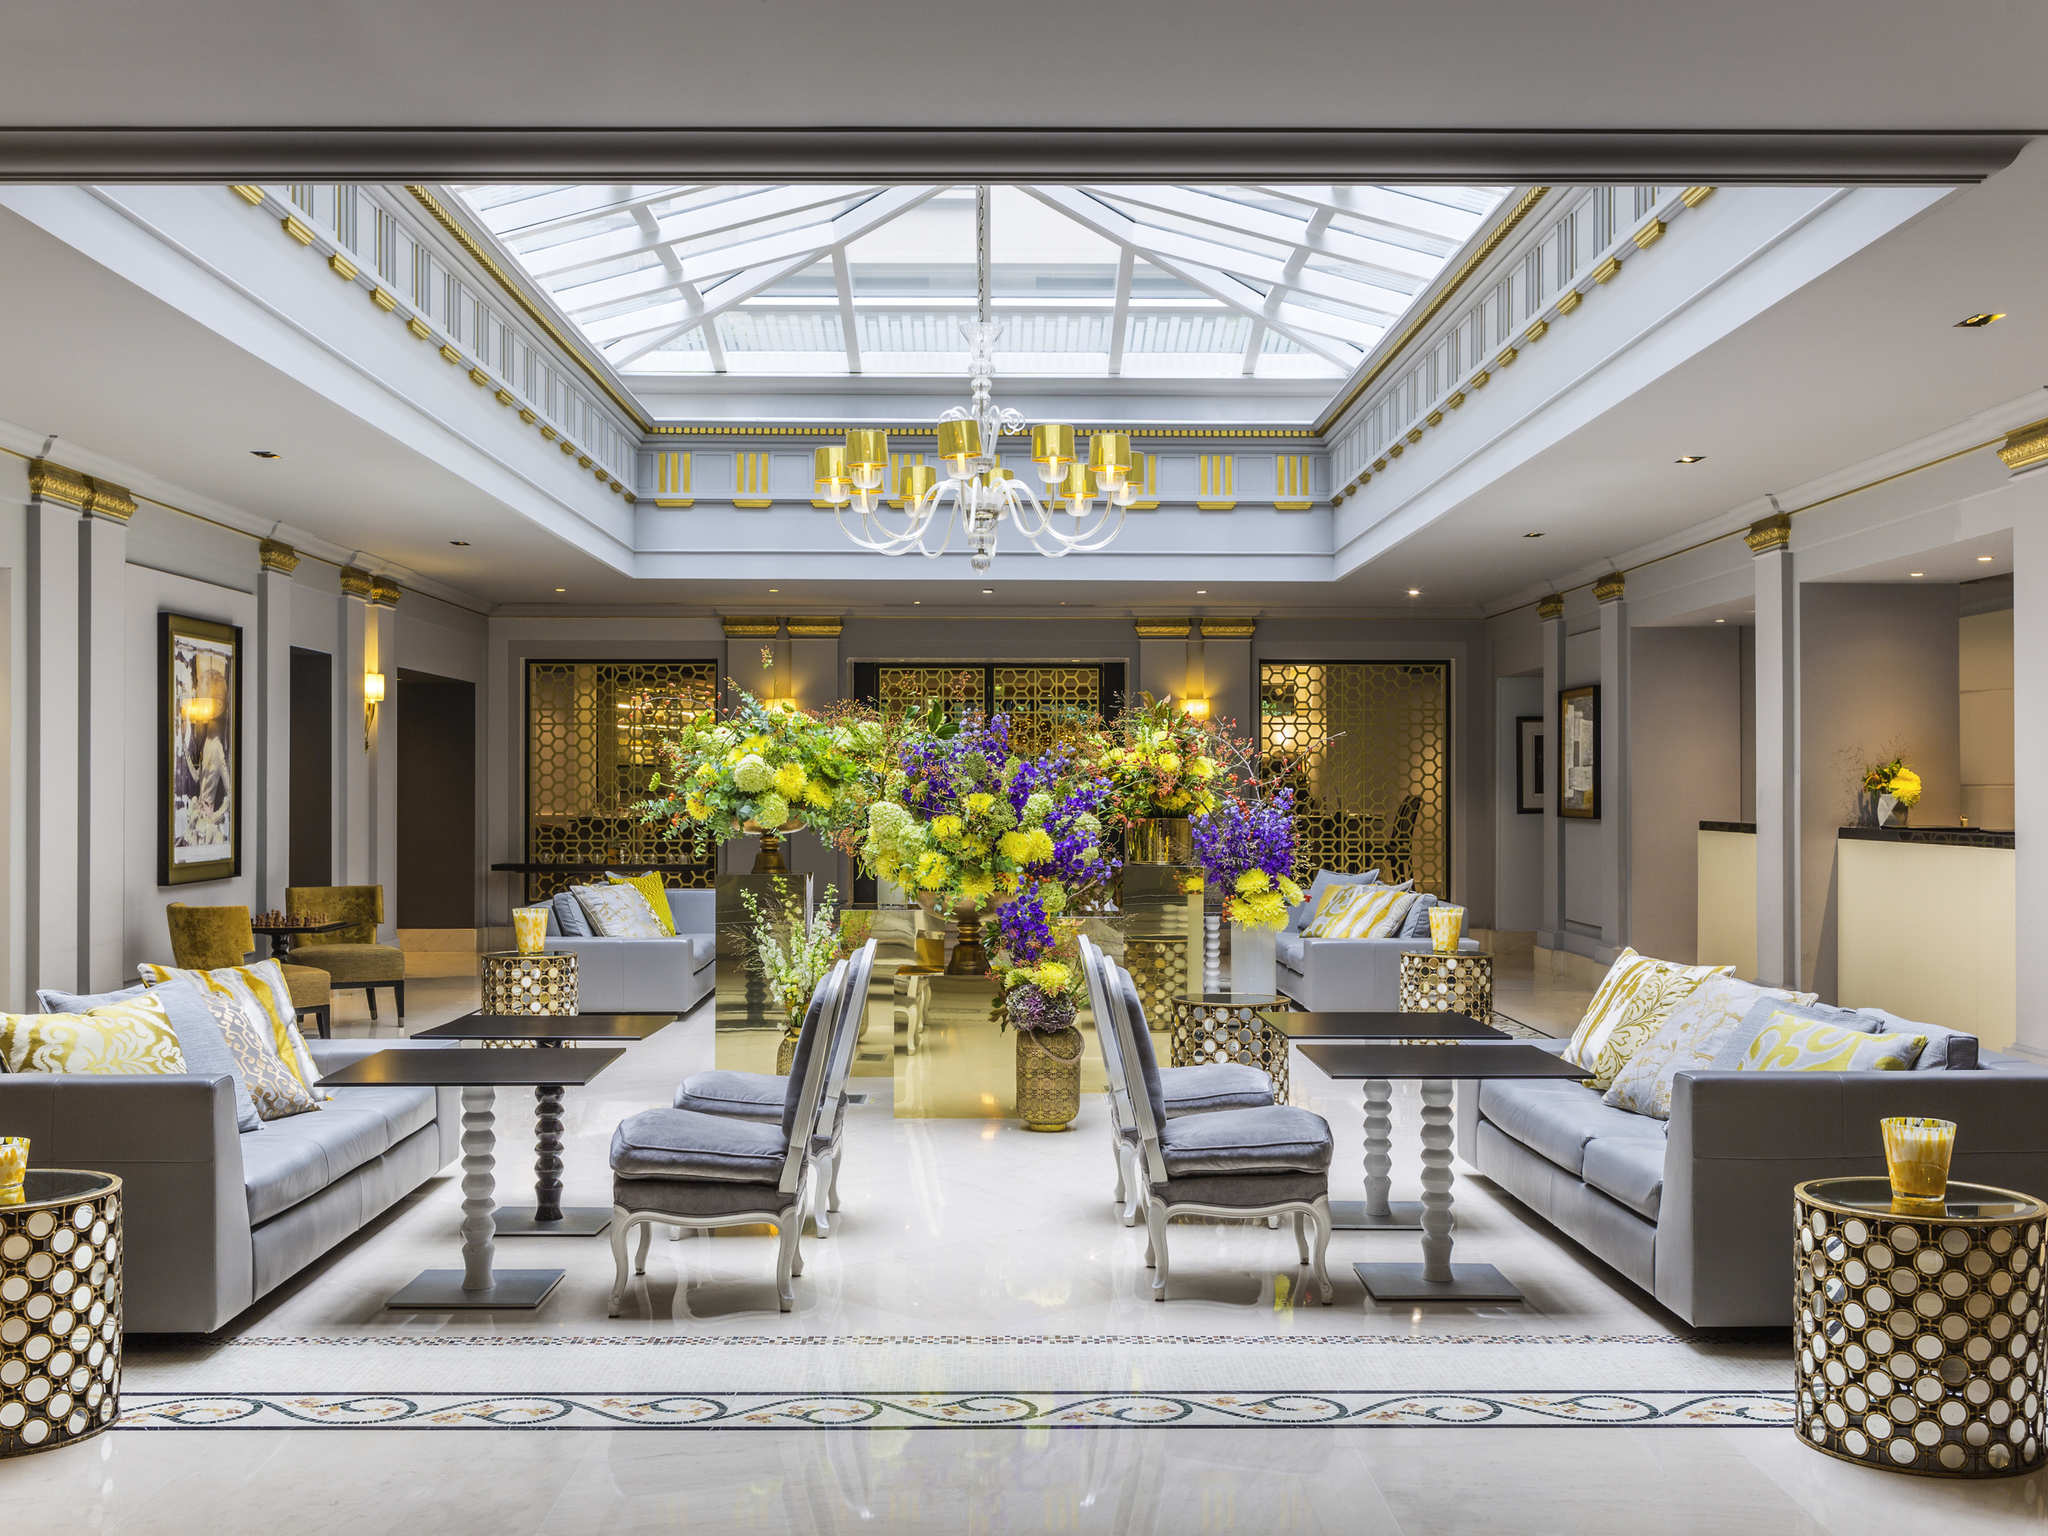 Hotel – Sofitel París Le Faubourg